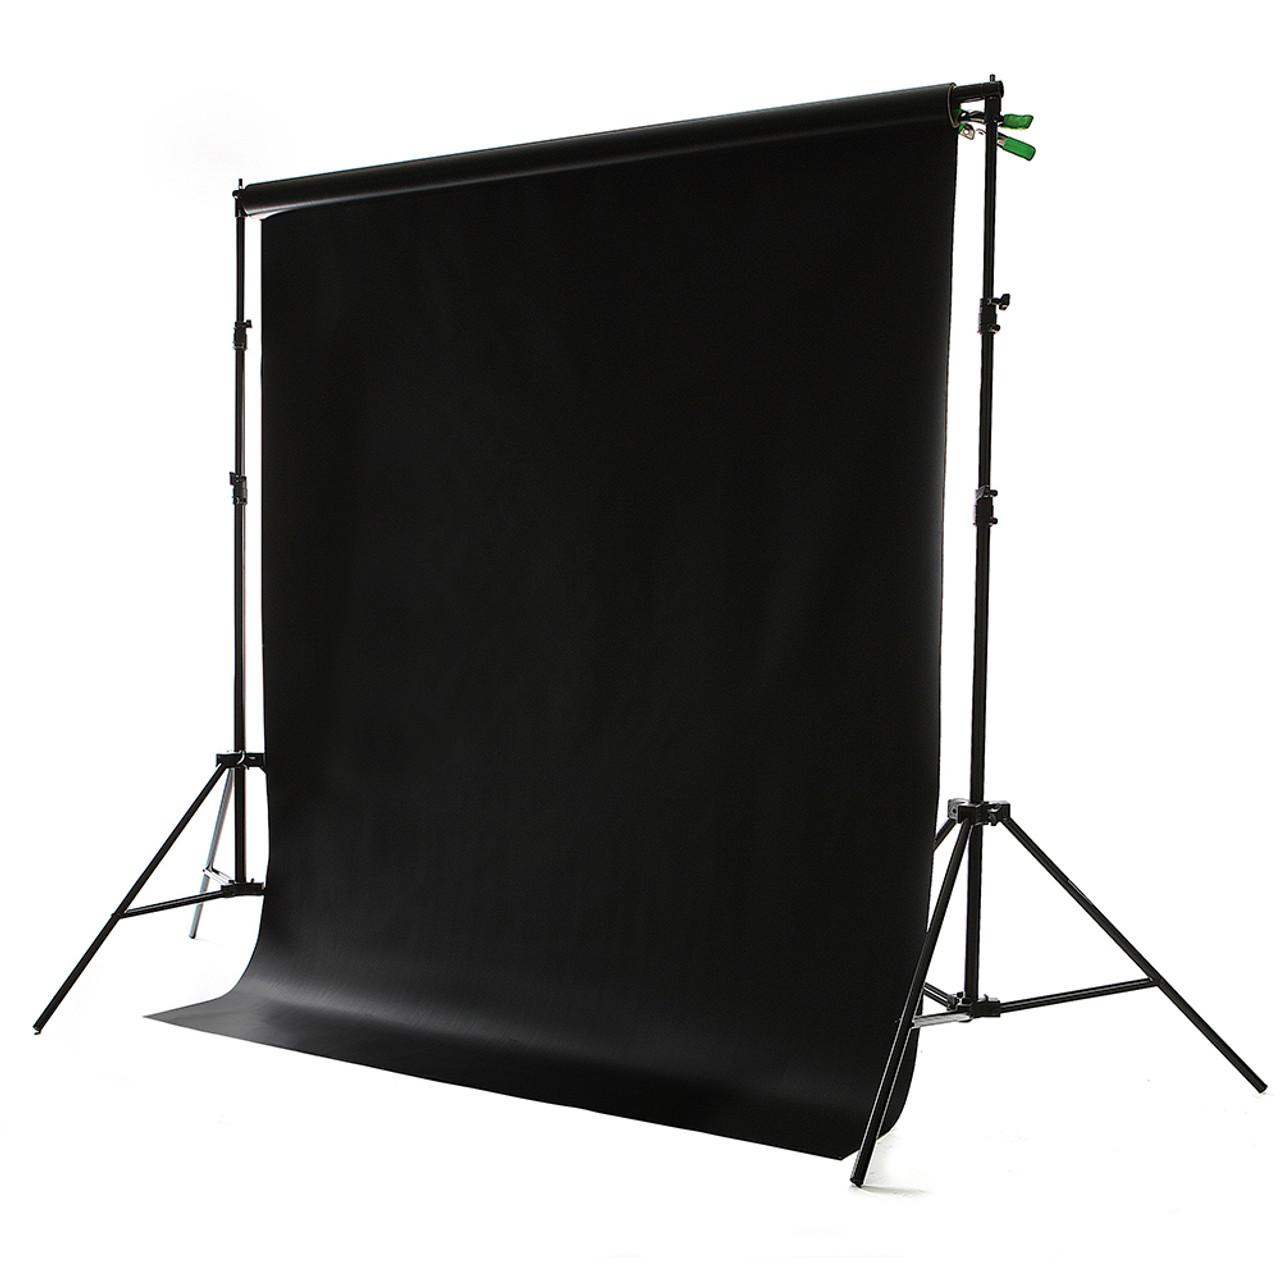 Matte Black Vinyl Backdrop 8' x 10'